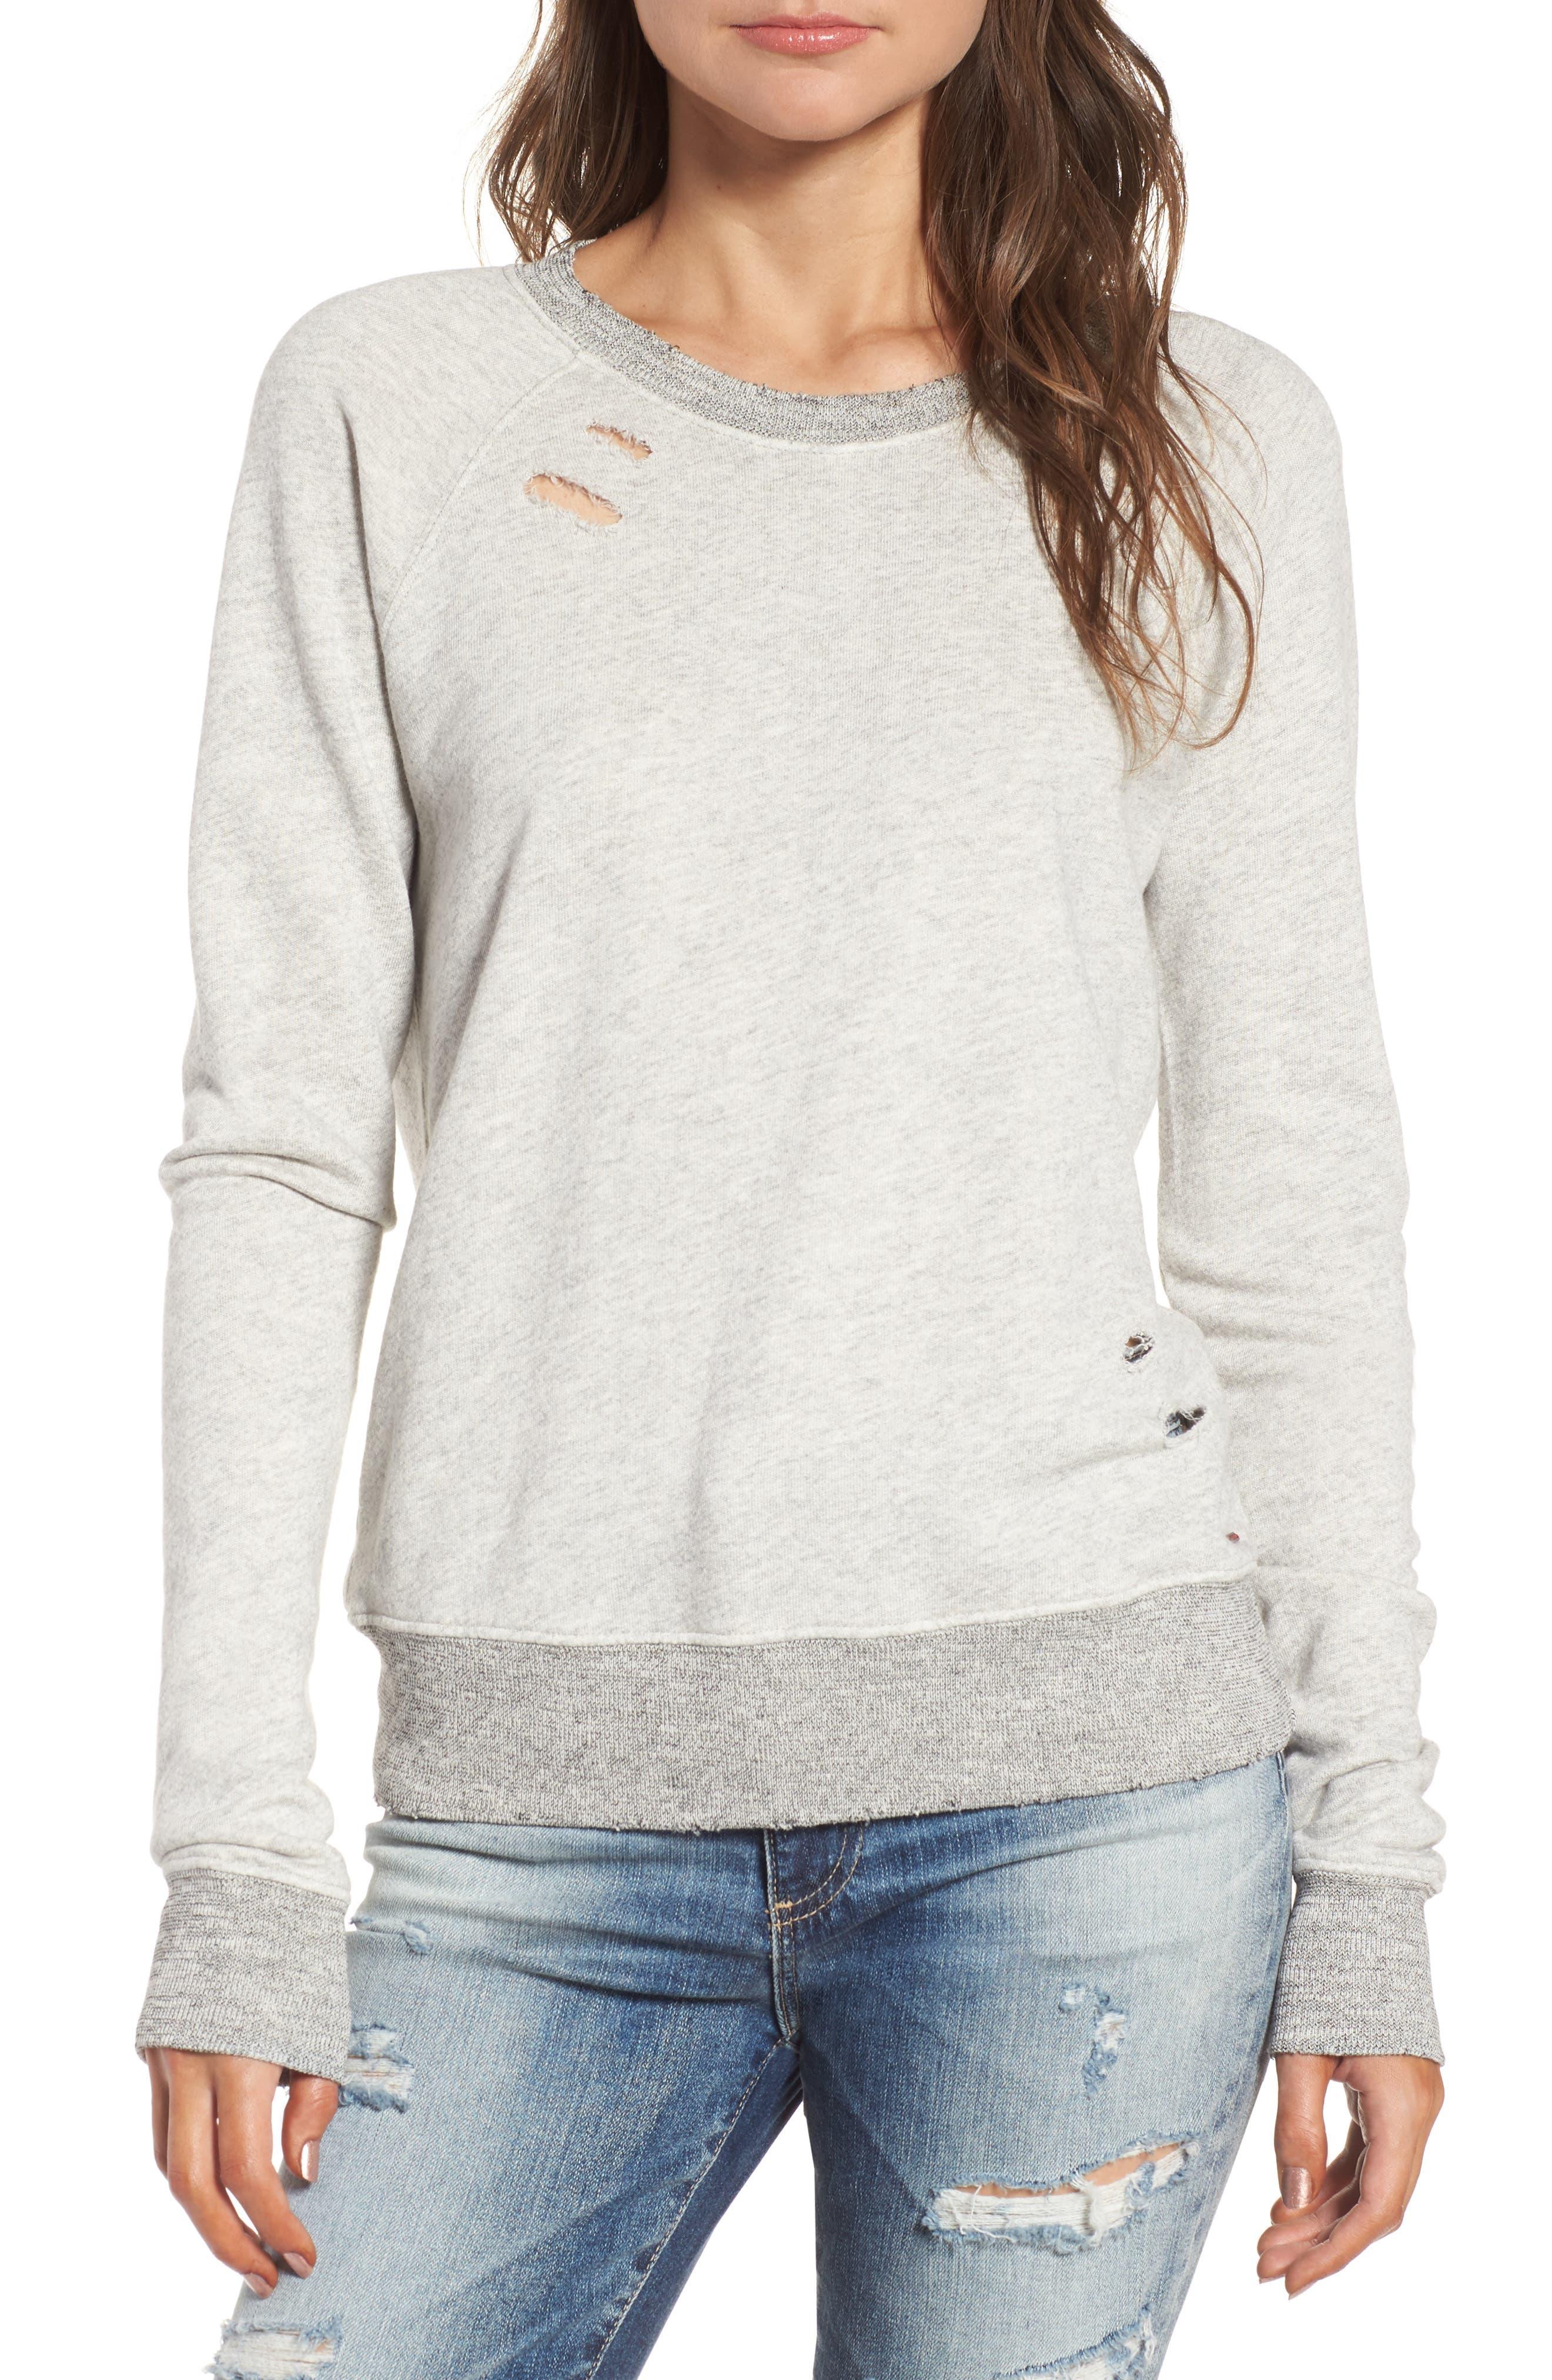 Belize Deconstructed Sweatshirt,                             Main thumbnail 1, color,                             030